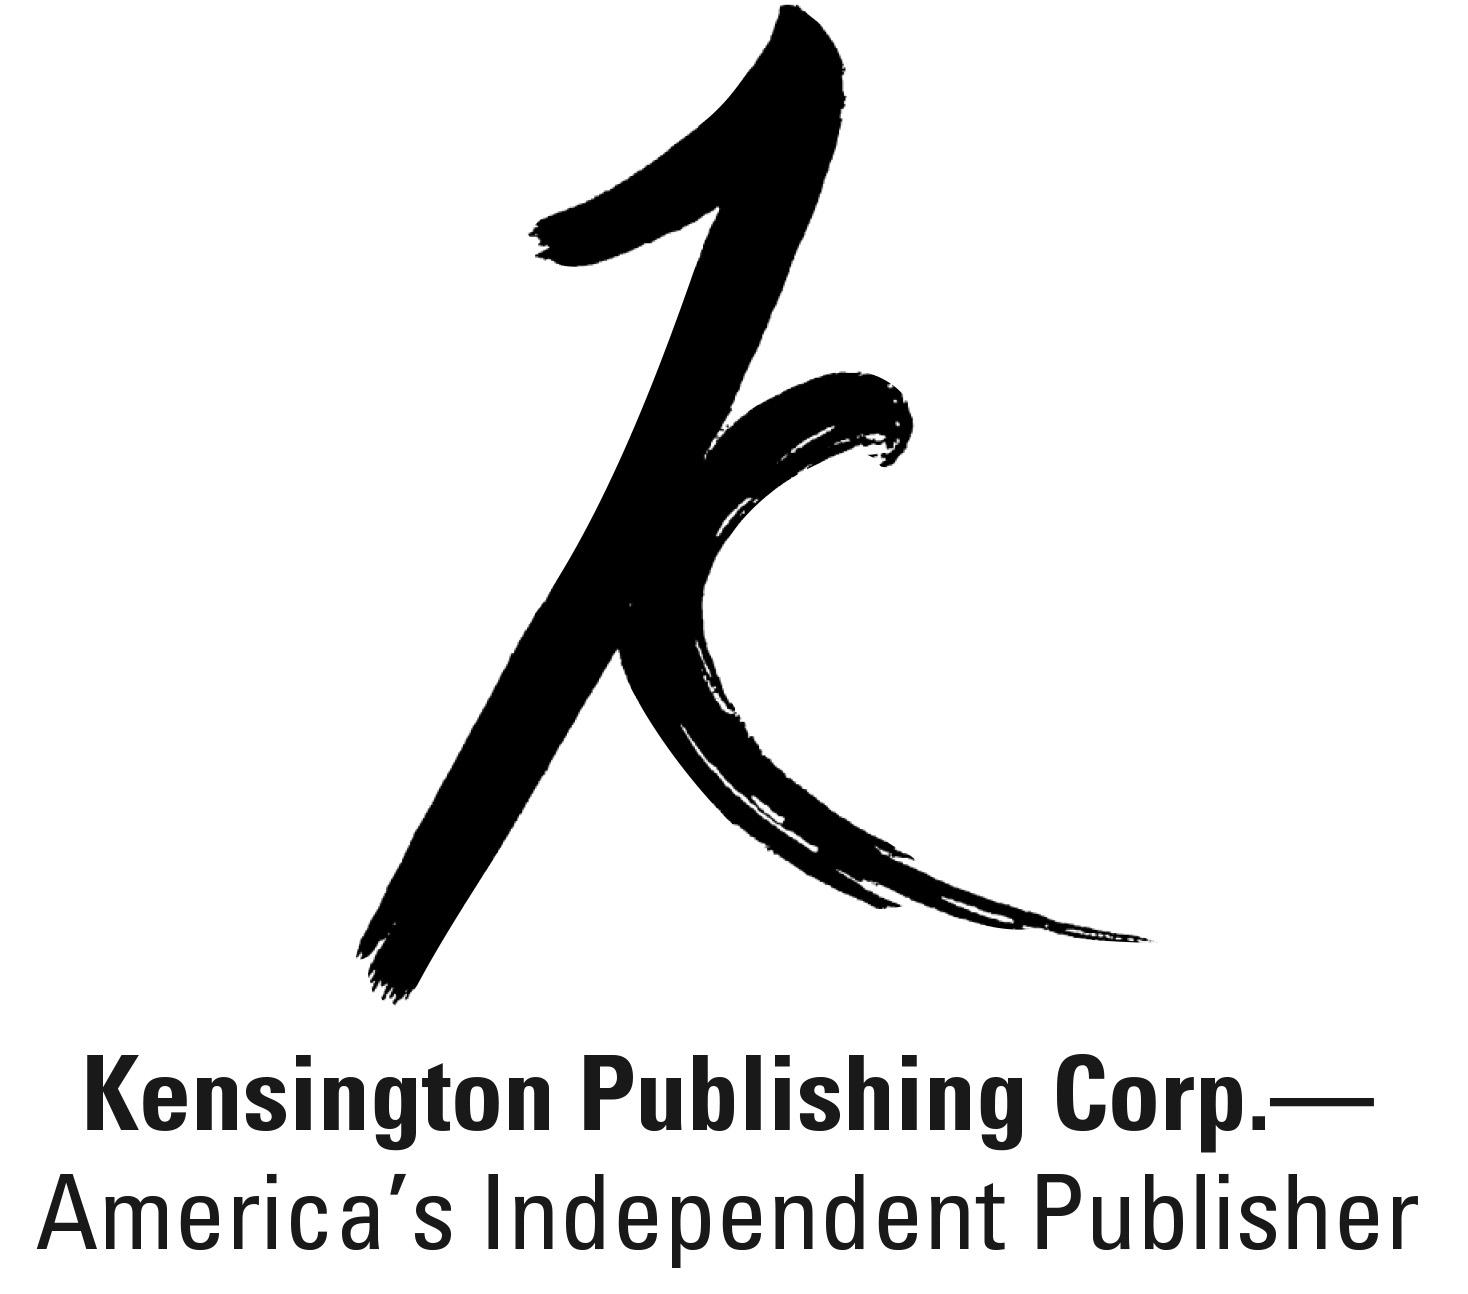 kensington-publishing.jpg